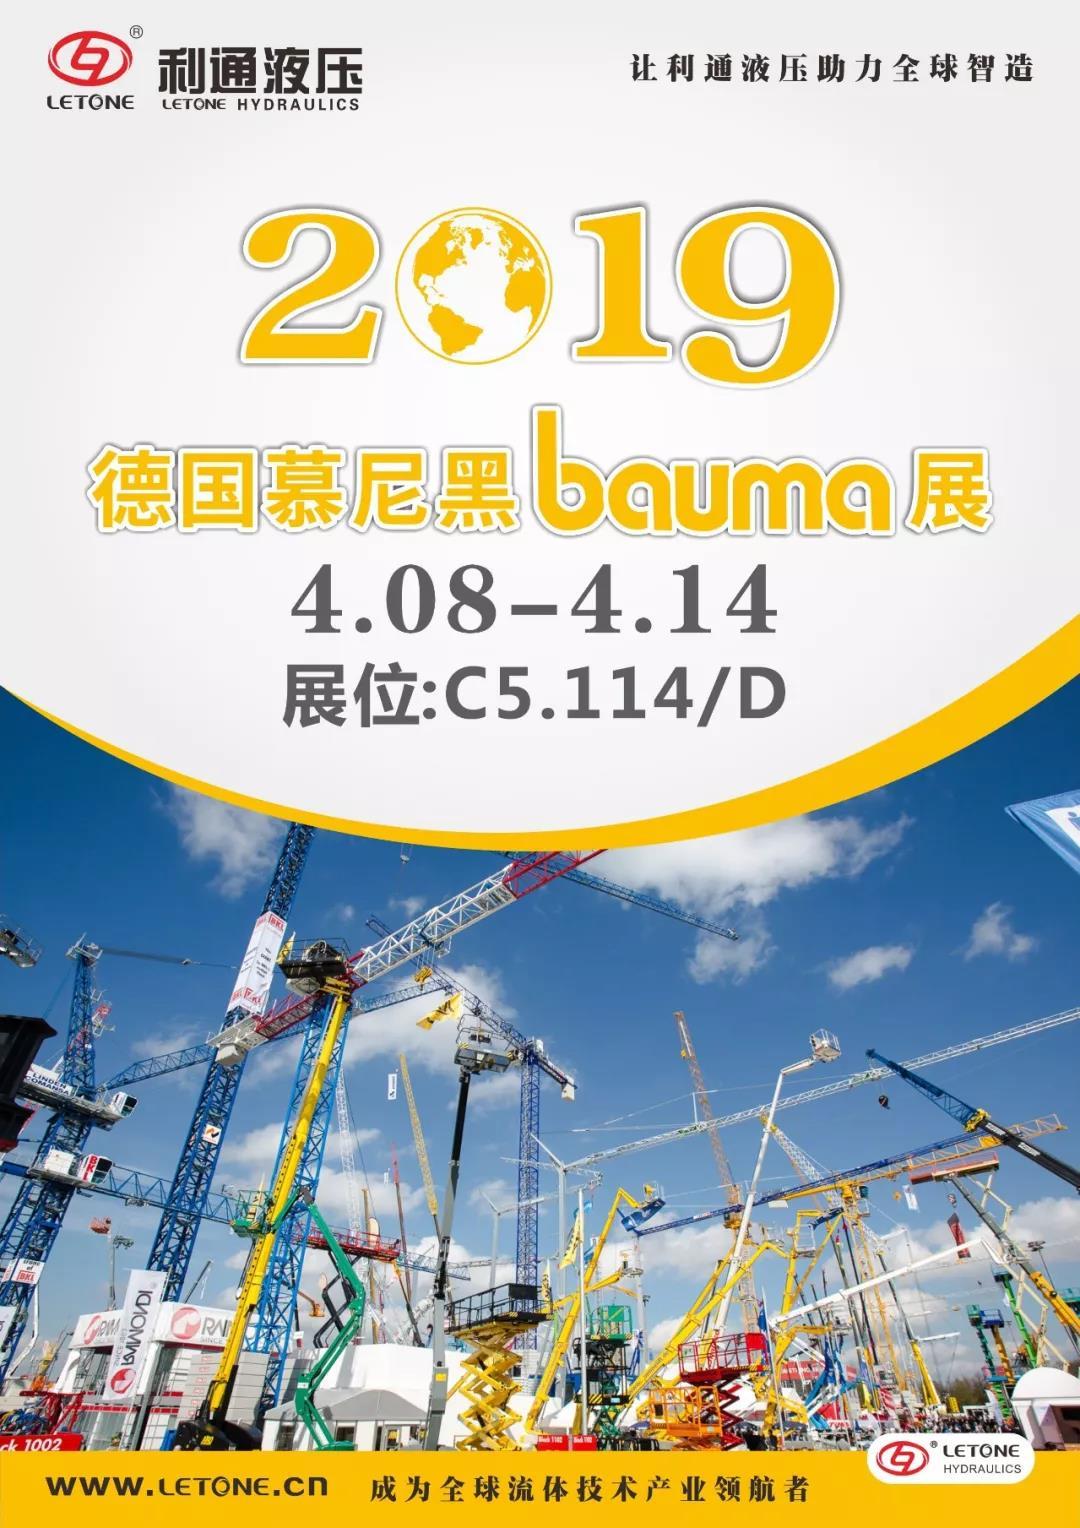 4月8日~14日利通液压诚邀您参加慕尼黑工程机械Bauma展